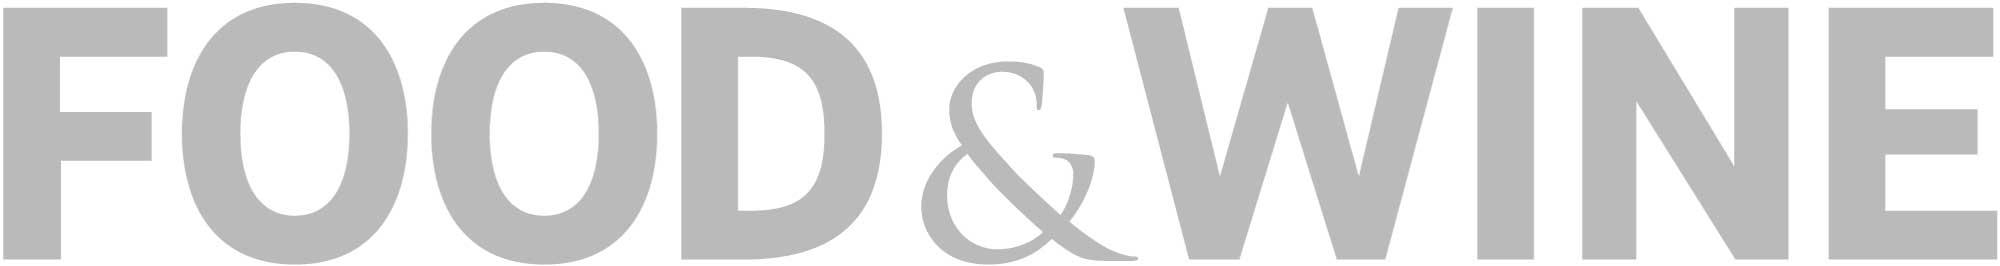 foodandwine-logo-black.jpg